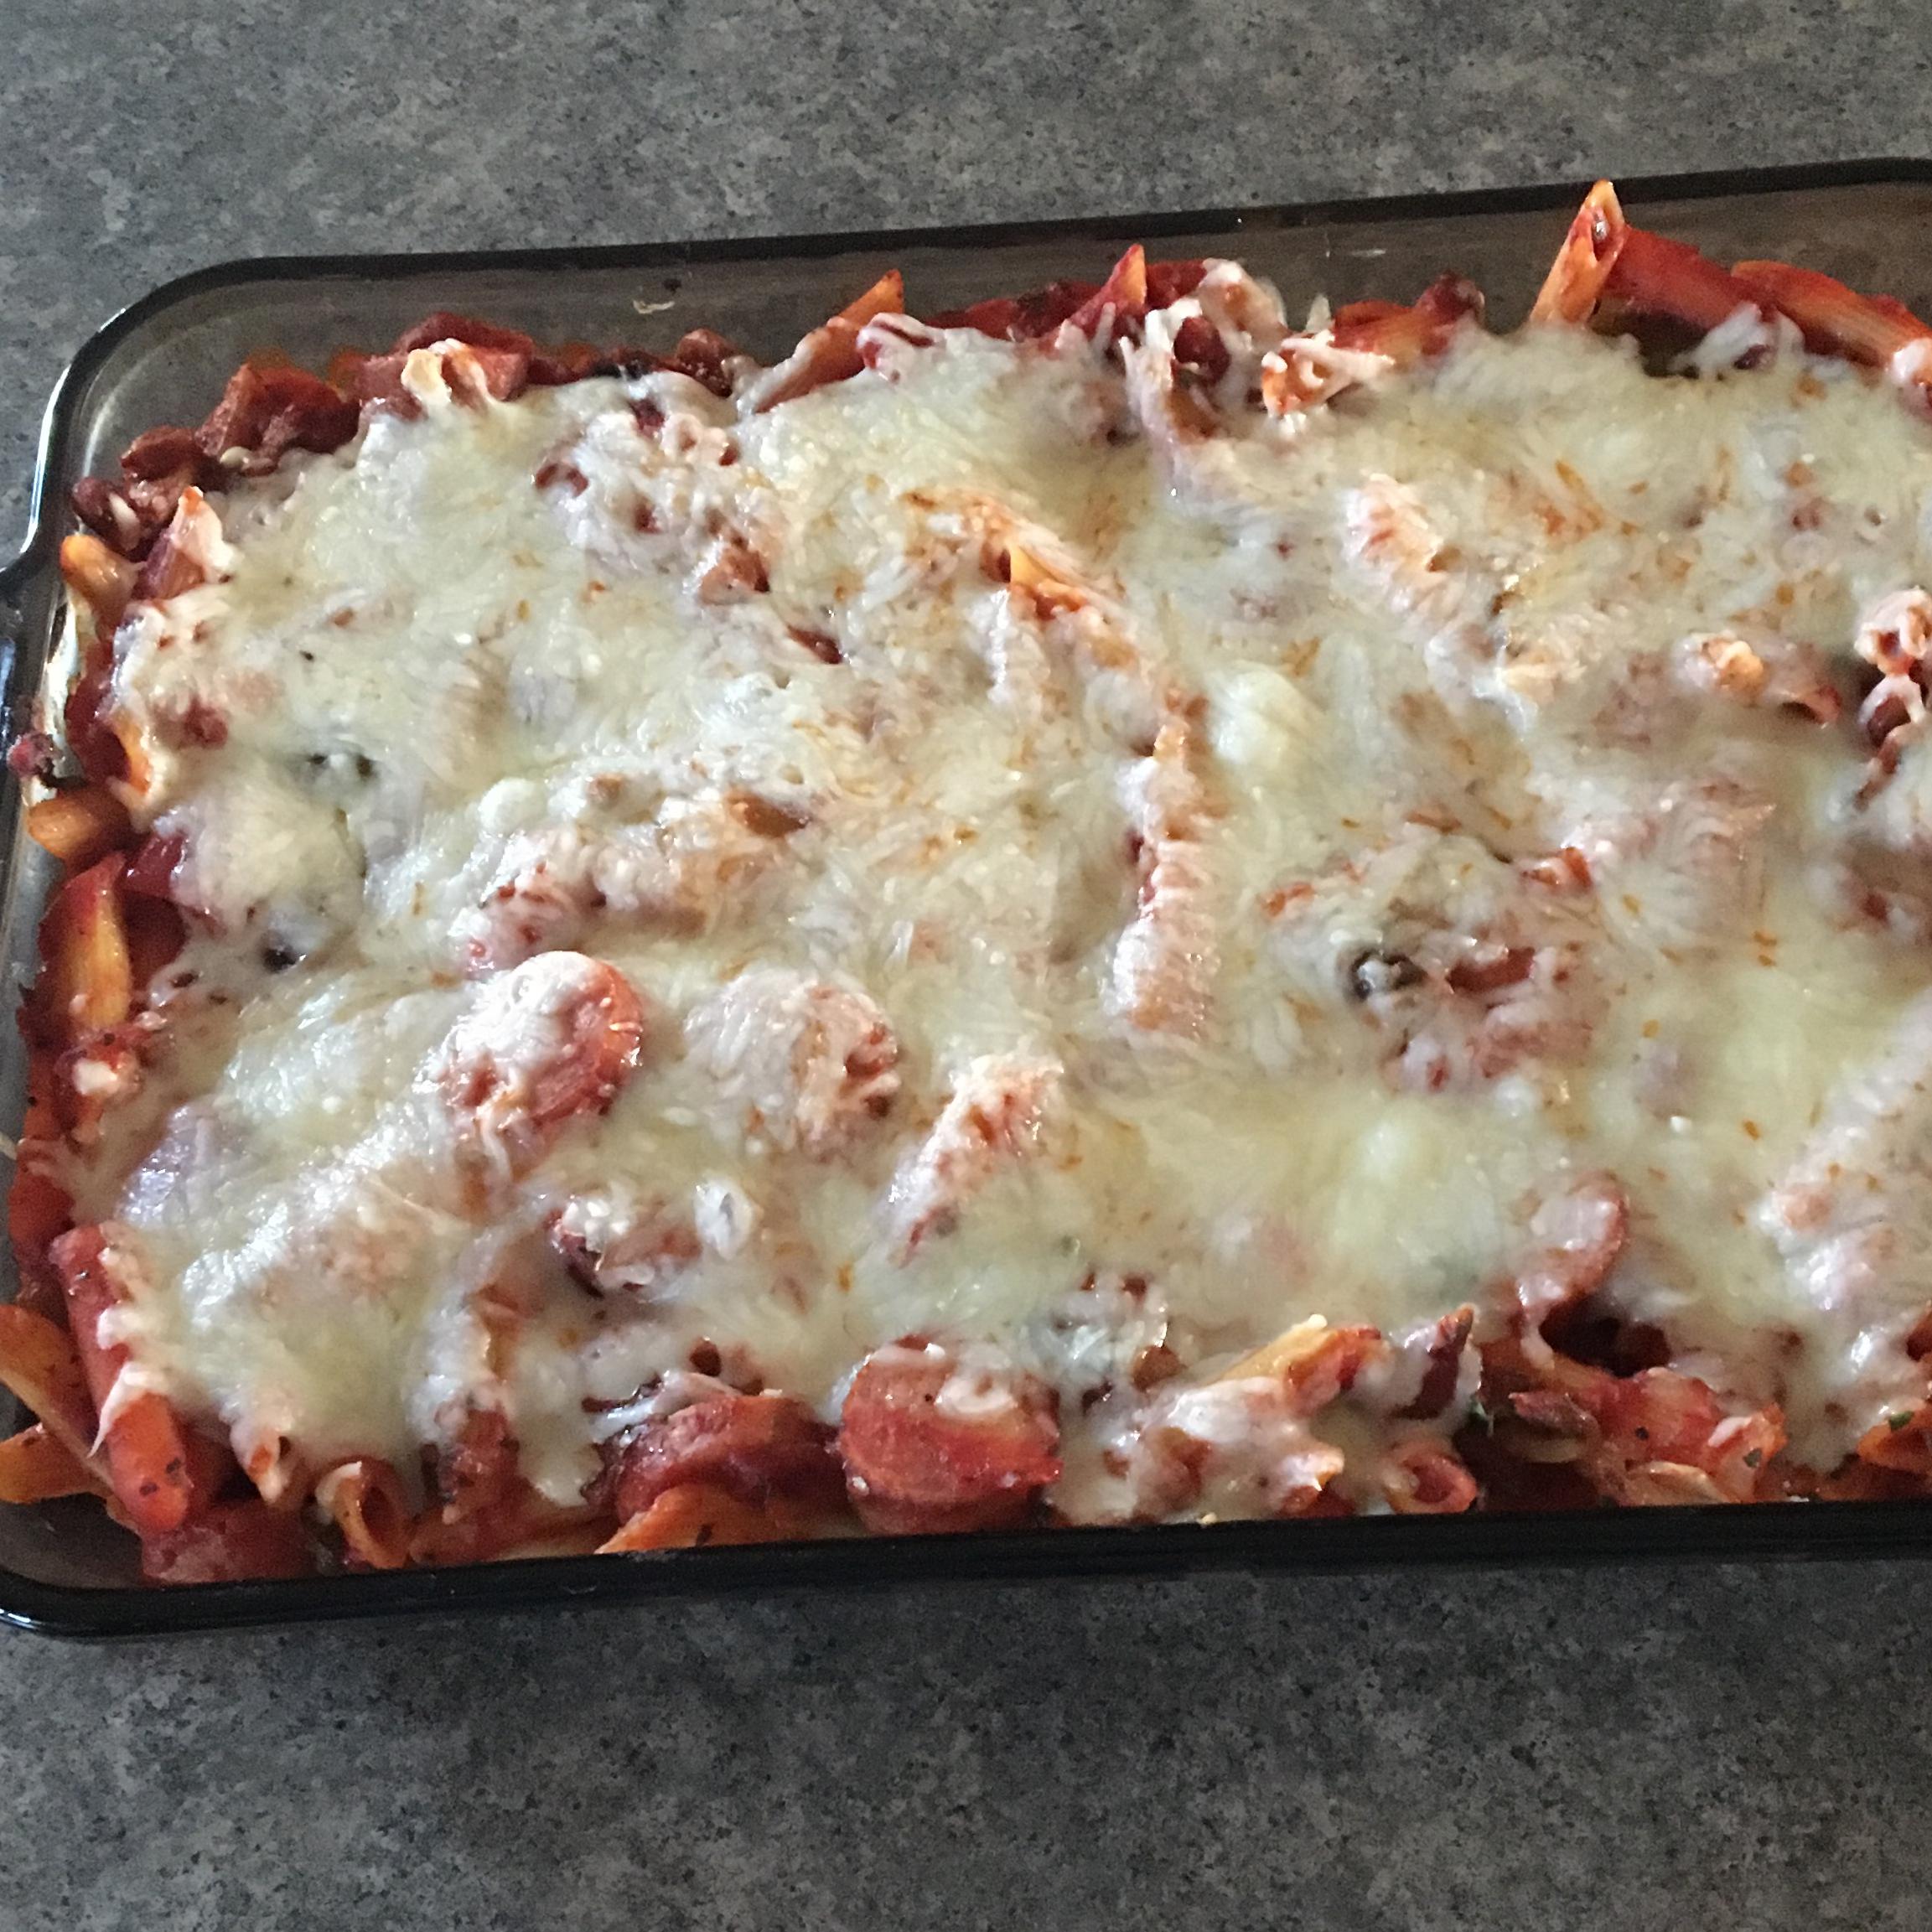 Contadina® Garden Vegetable Pasta Bake chris